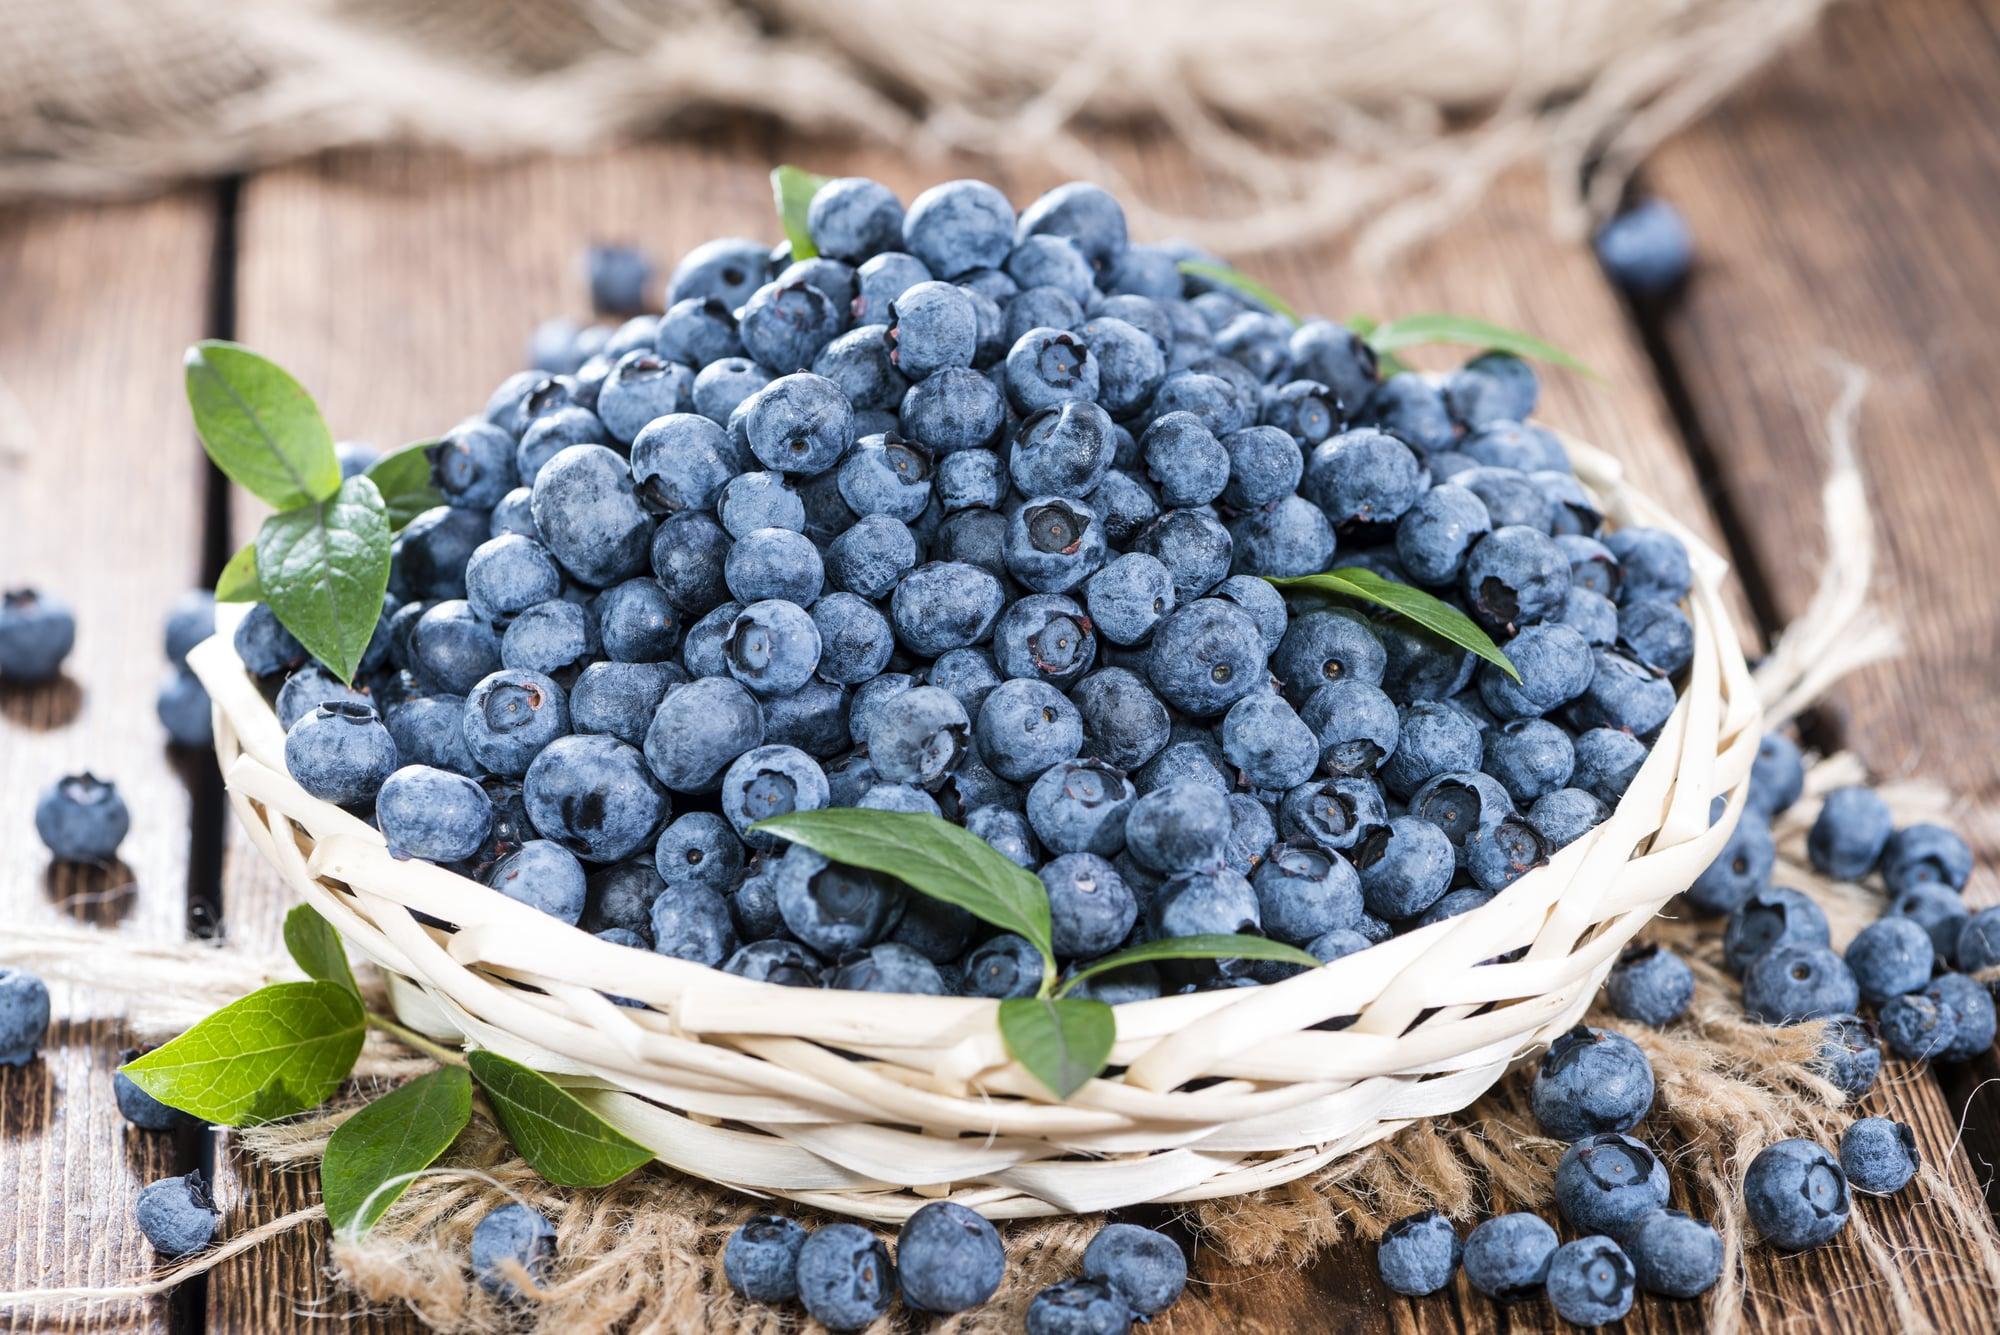 Atemberaubend Heidelbeeren: 6 vorteilhafte Wirkungen von Blaubeeren » gesundfit.de &EO_94